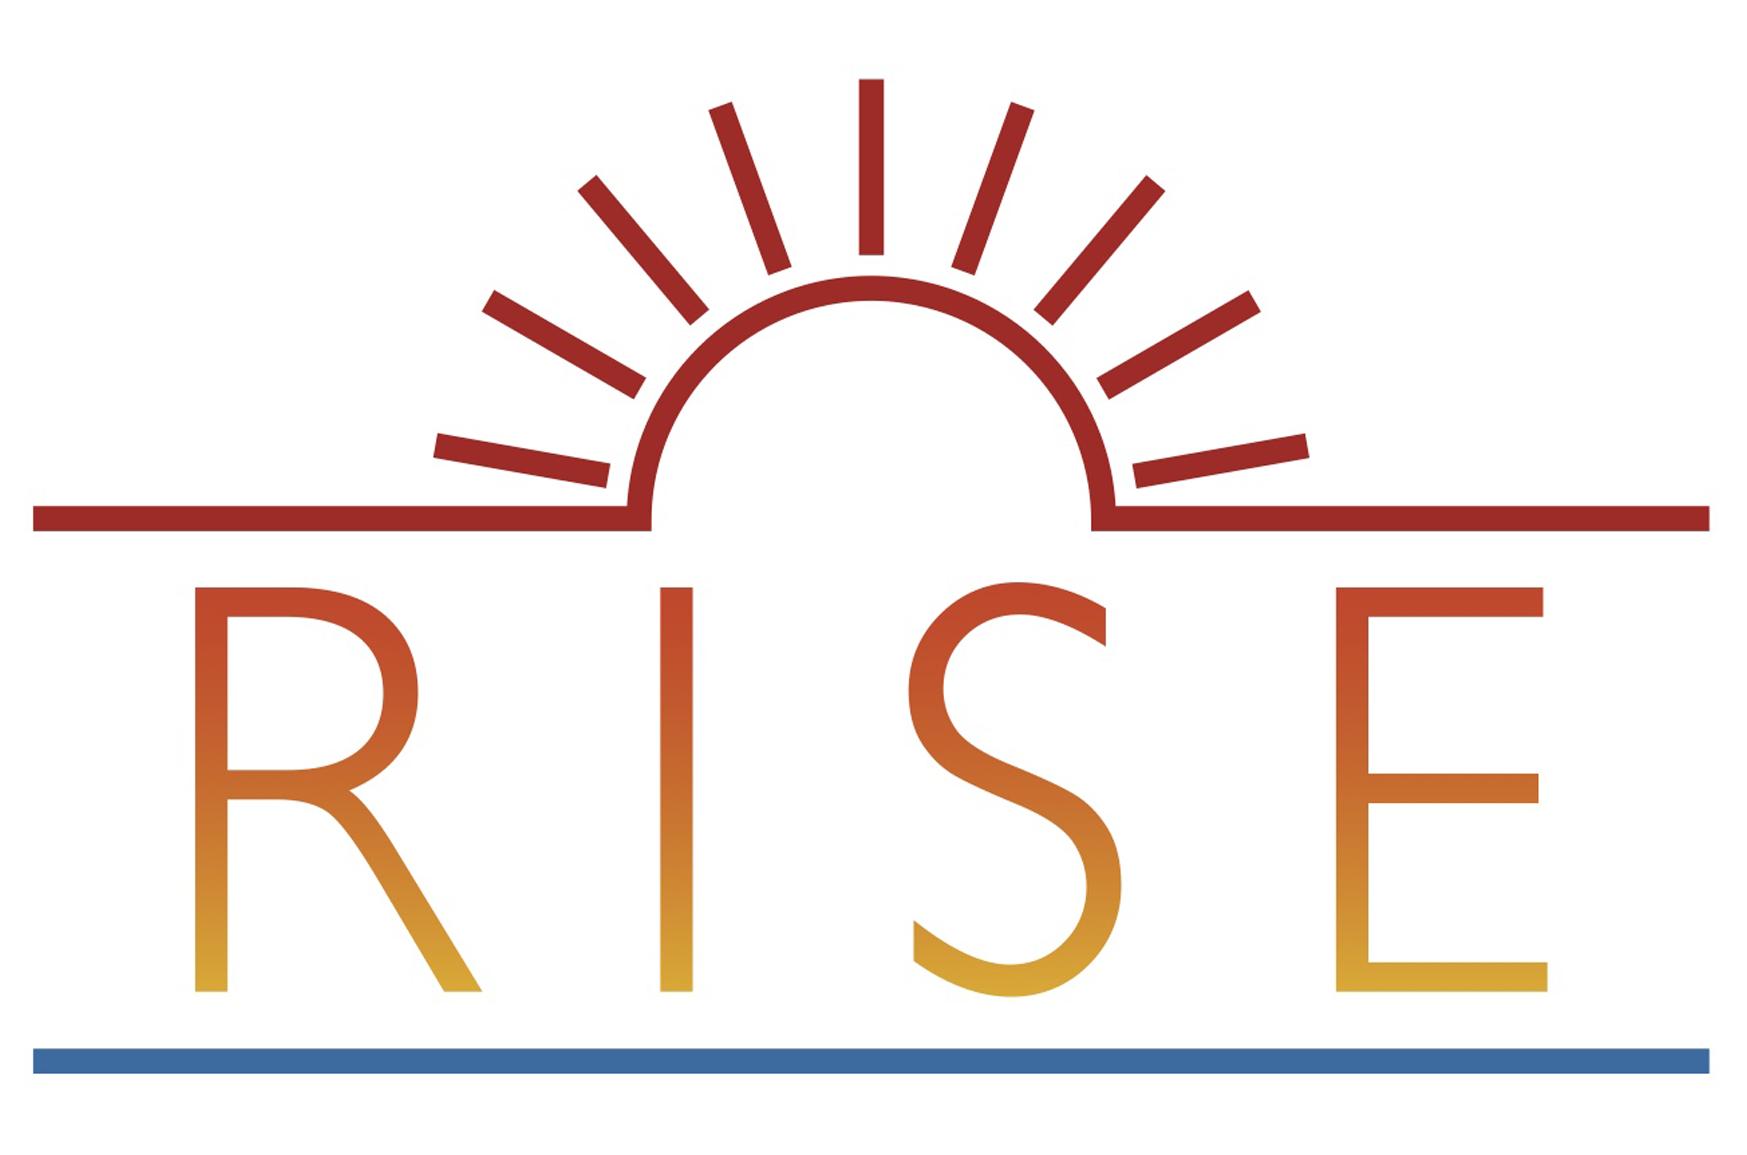 RISE株式会社